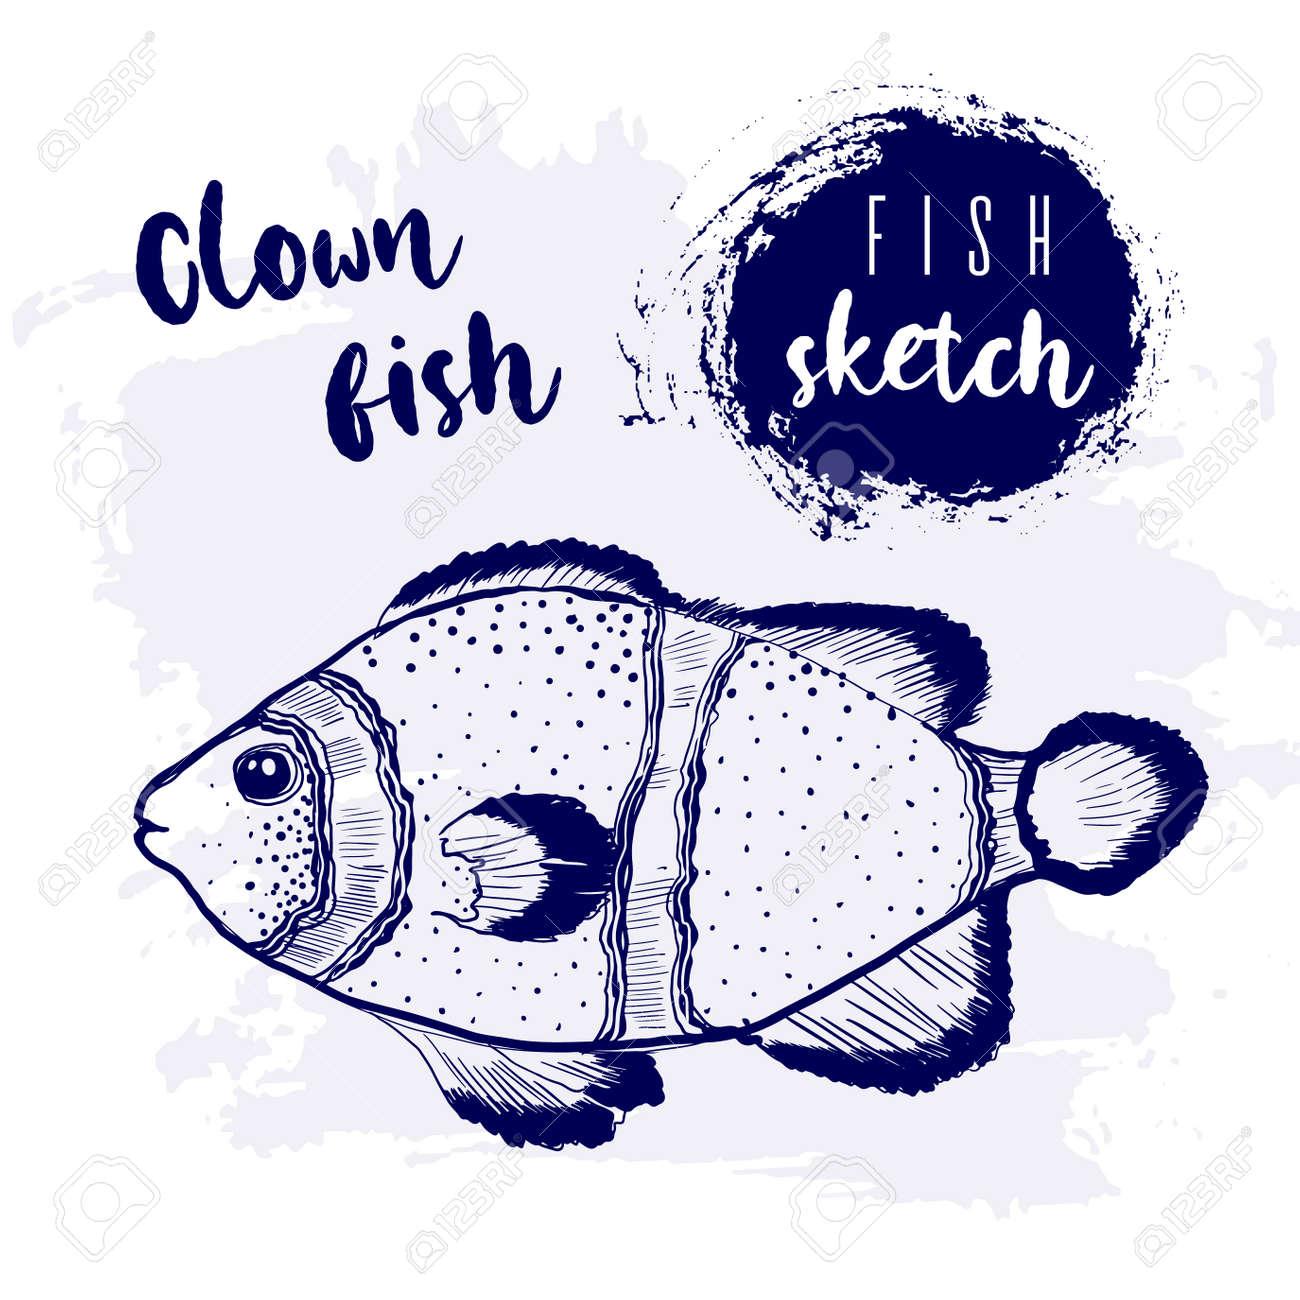 Vintage clown fish marine sketch.Retro line style.Hand drawn underwater. - 169556221